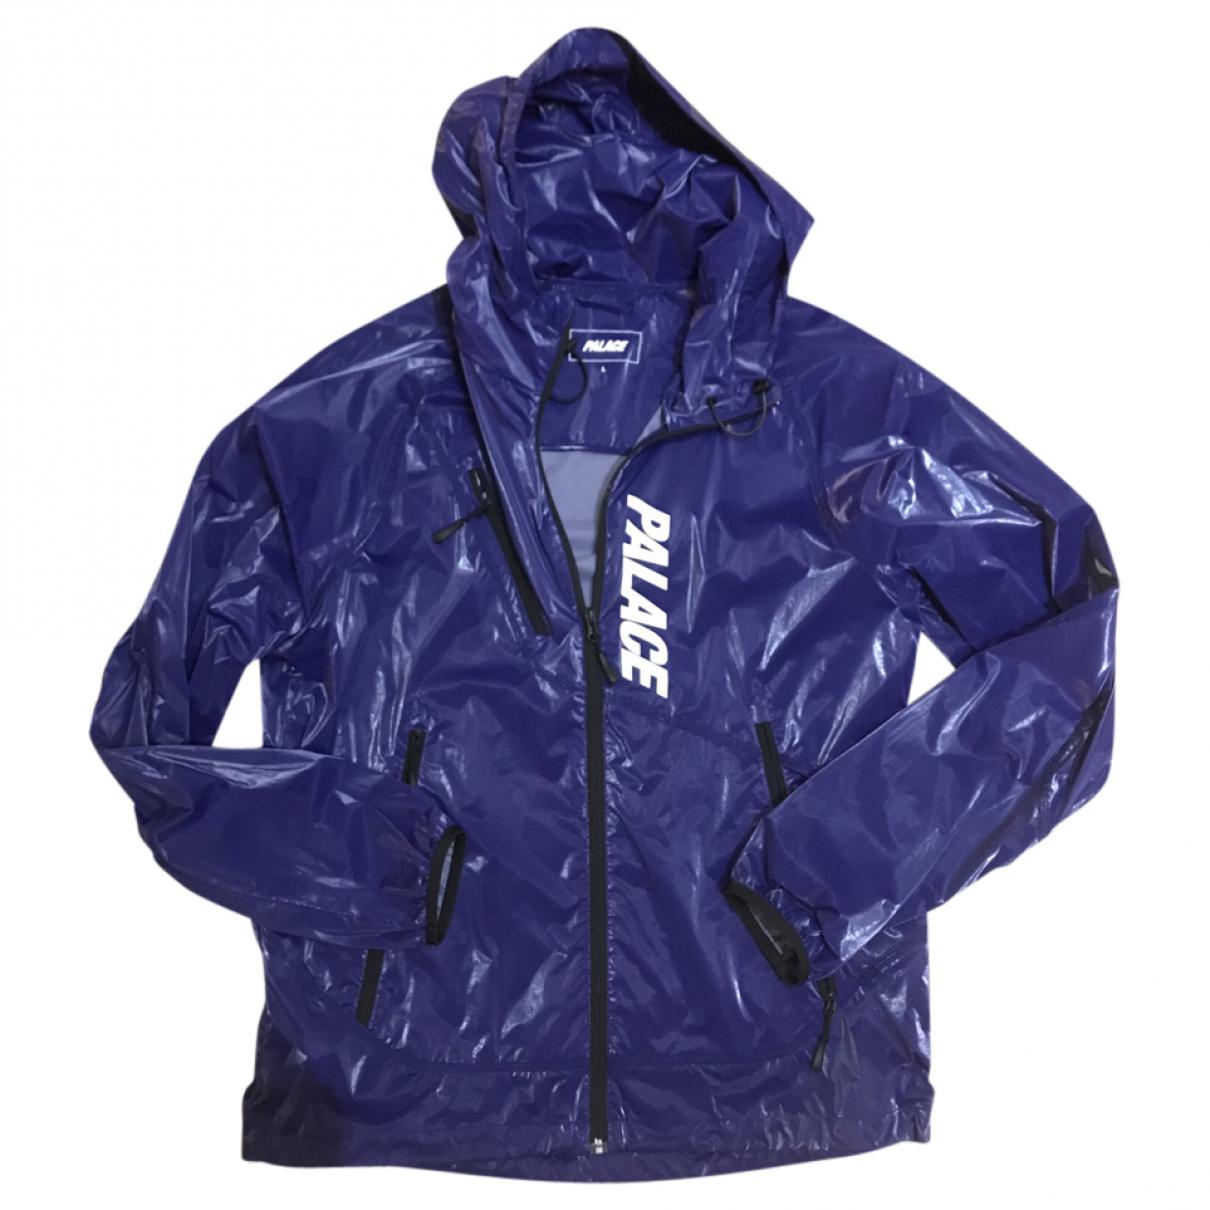 Palace \N Blue jacket  for Men L International